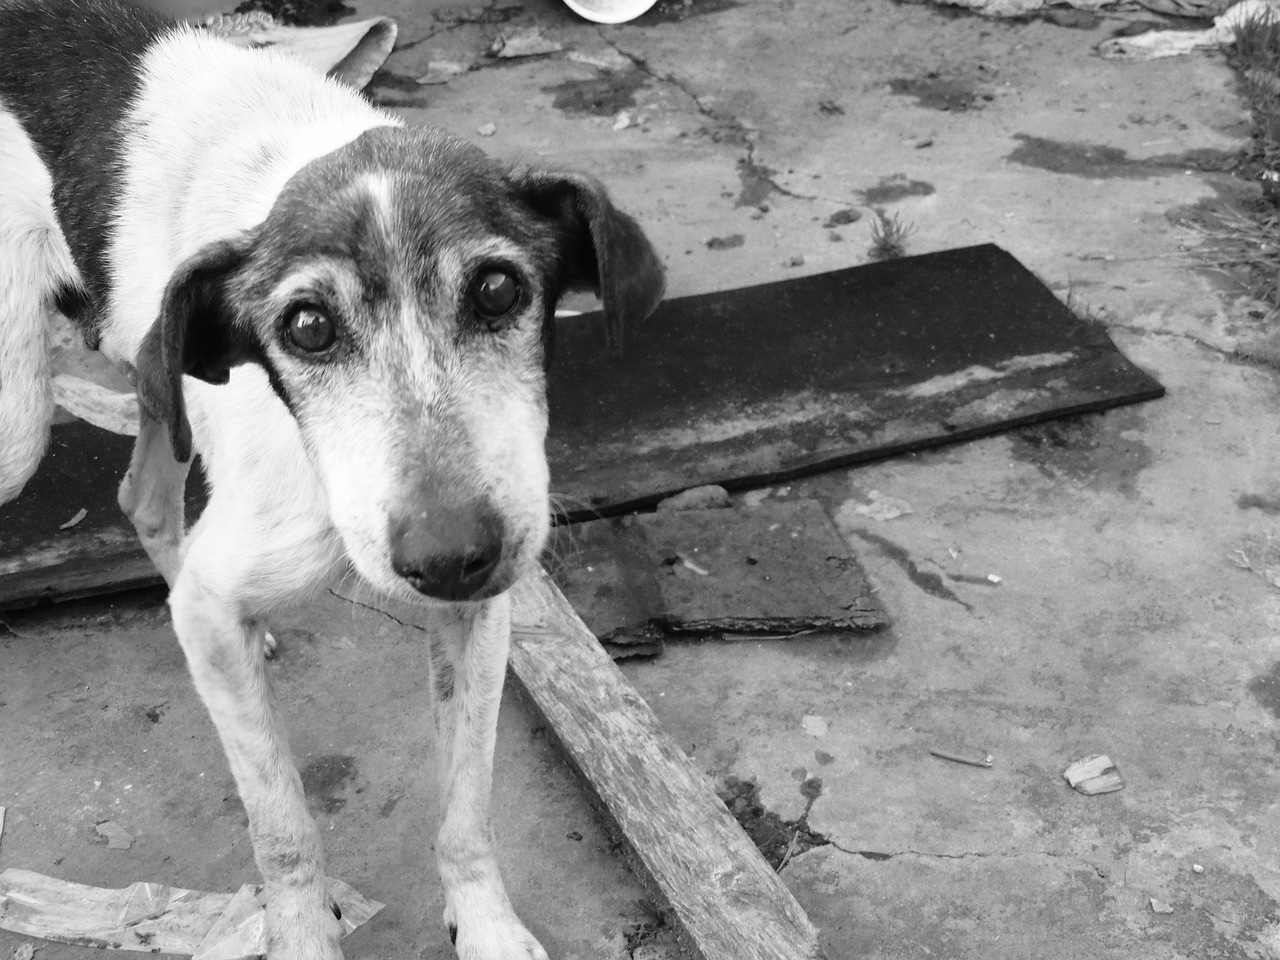 Mednarodni dan zapuščenih živali in kako lahko pomagamo